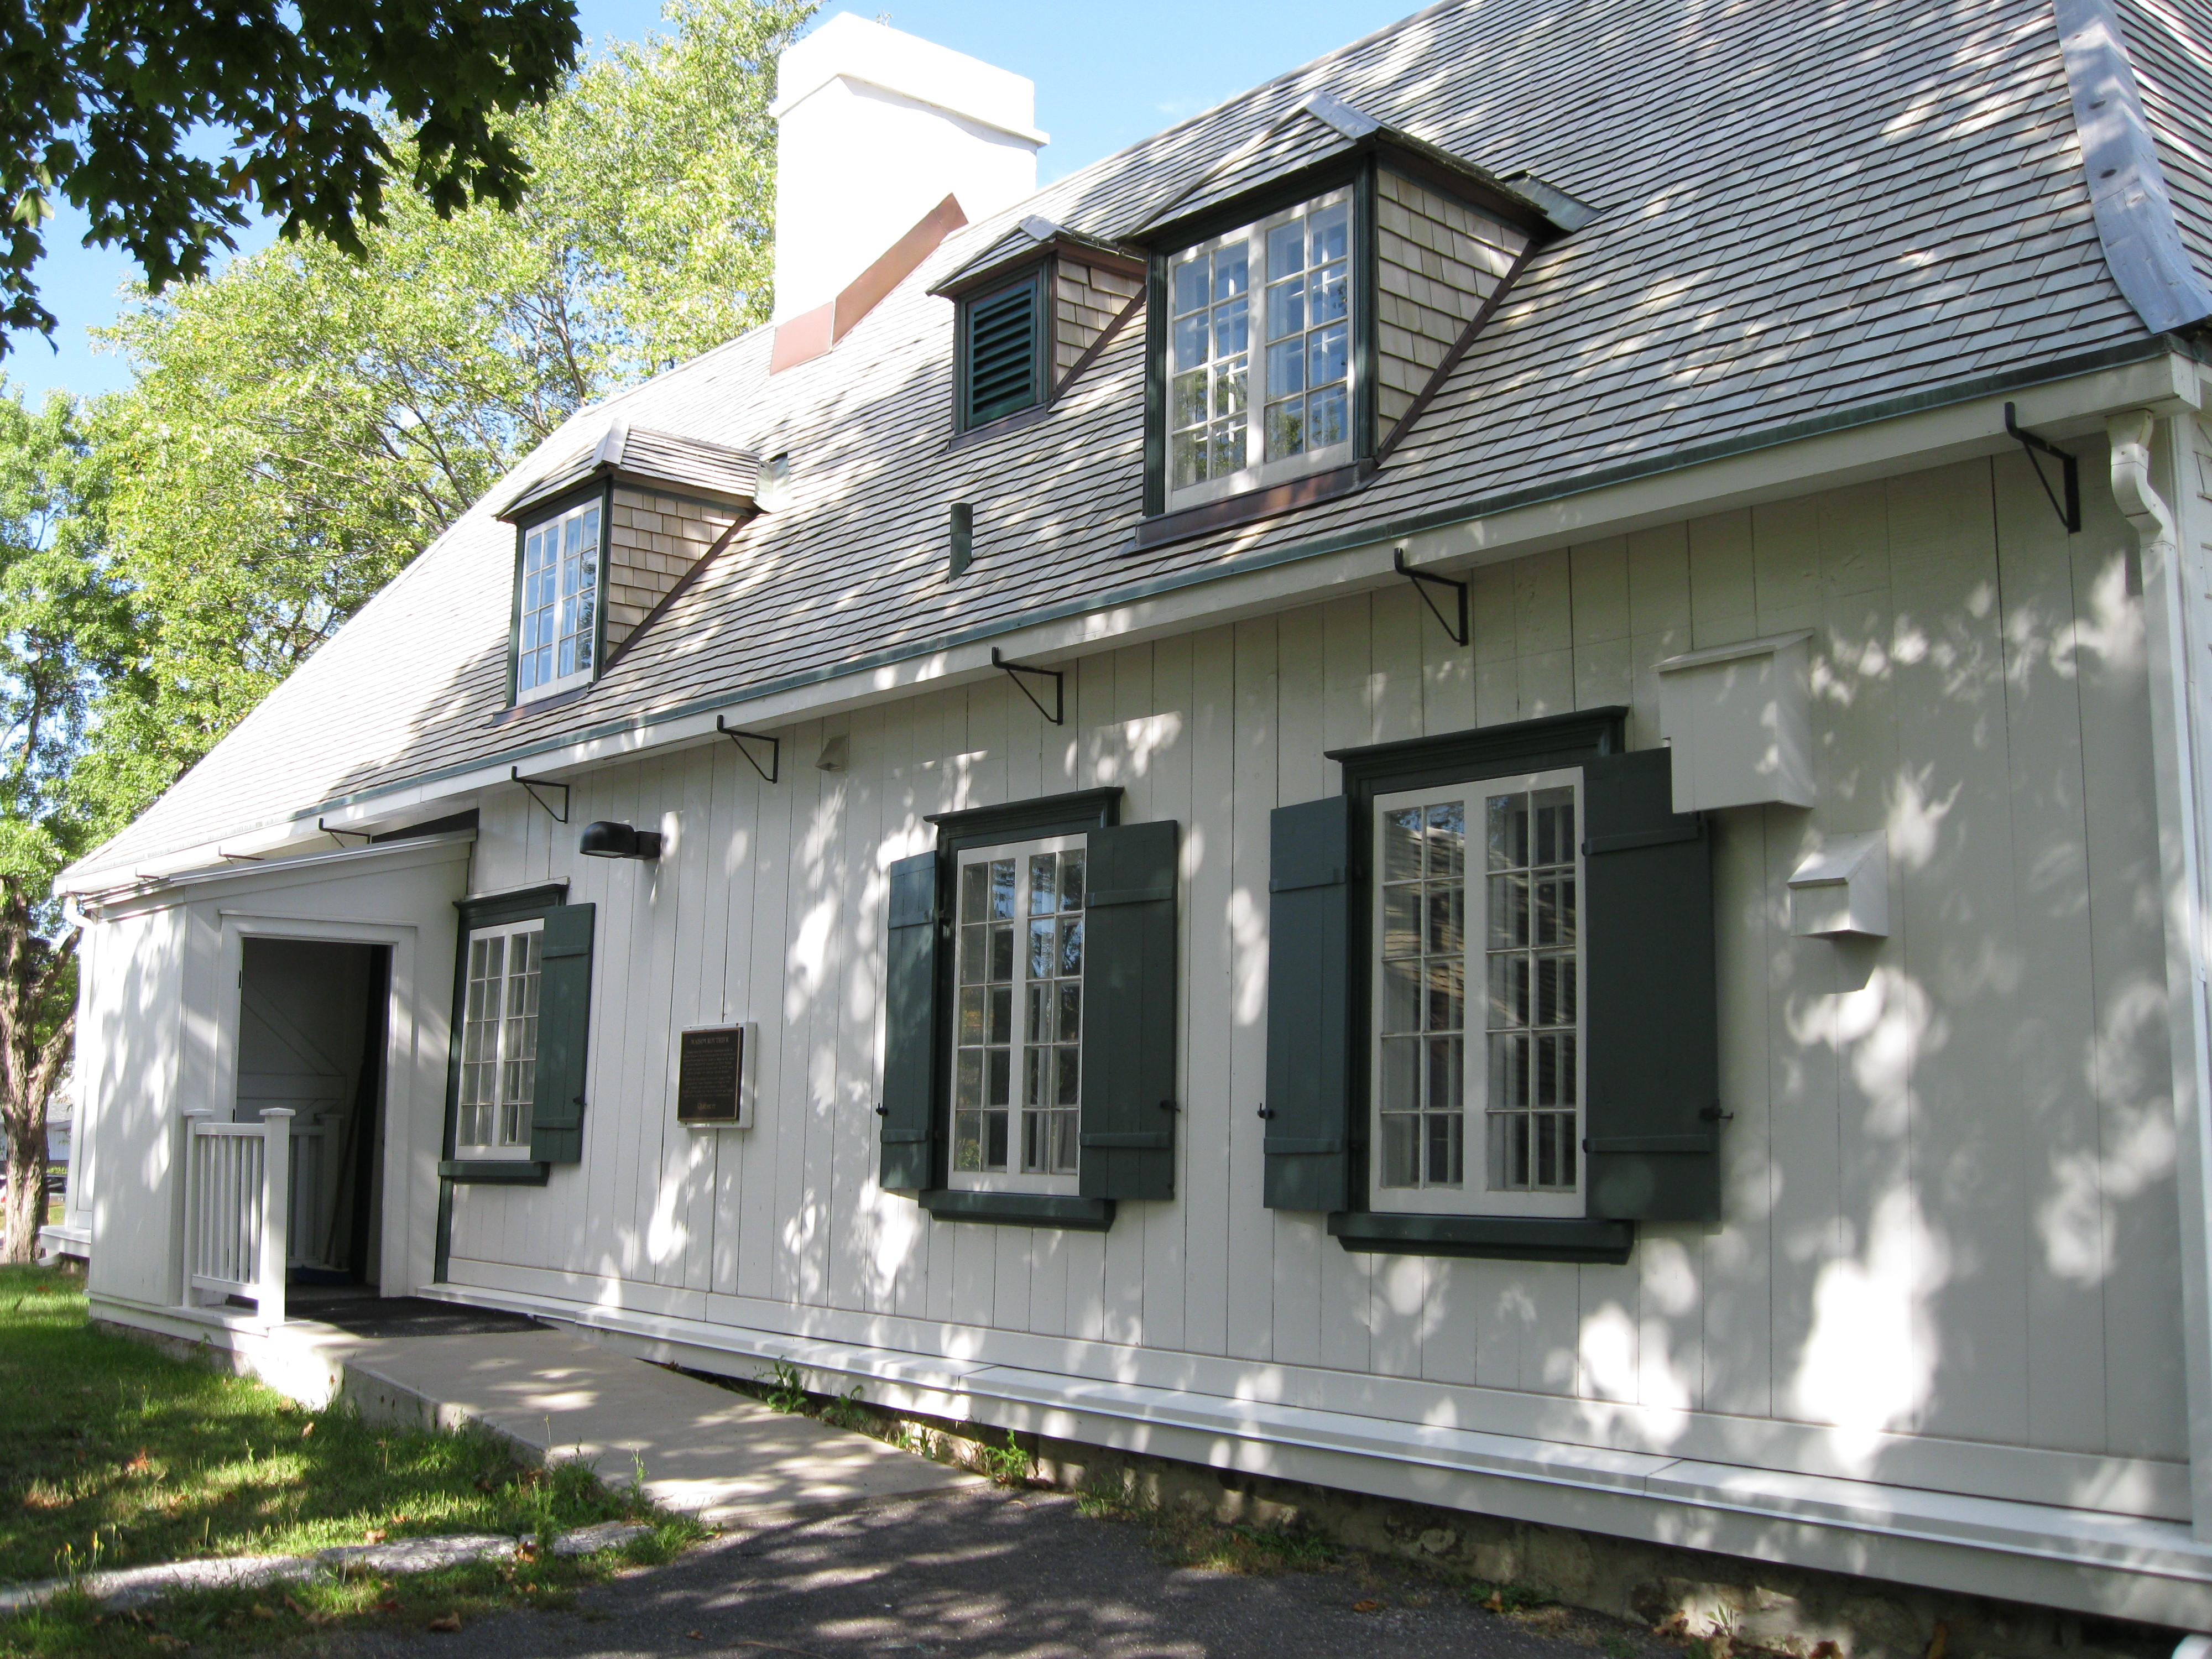 File:Entrée Maison Routhier.JPG - Wikimedia Commons